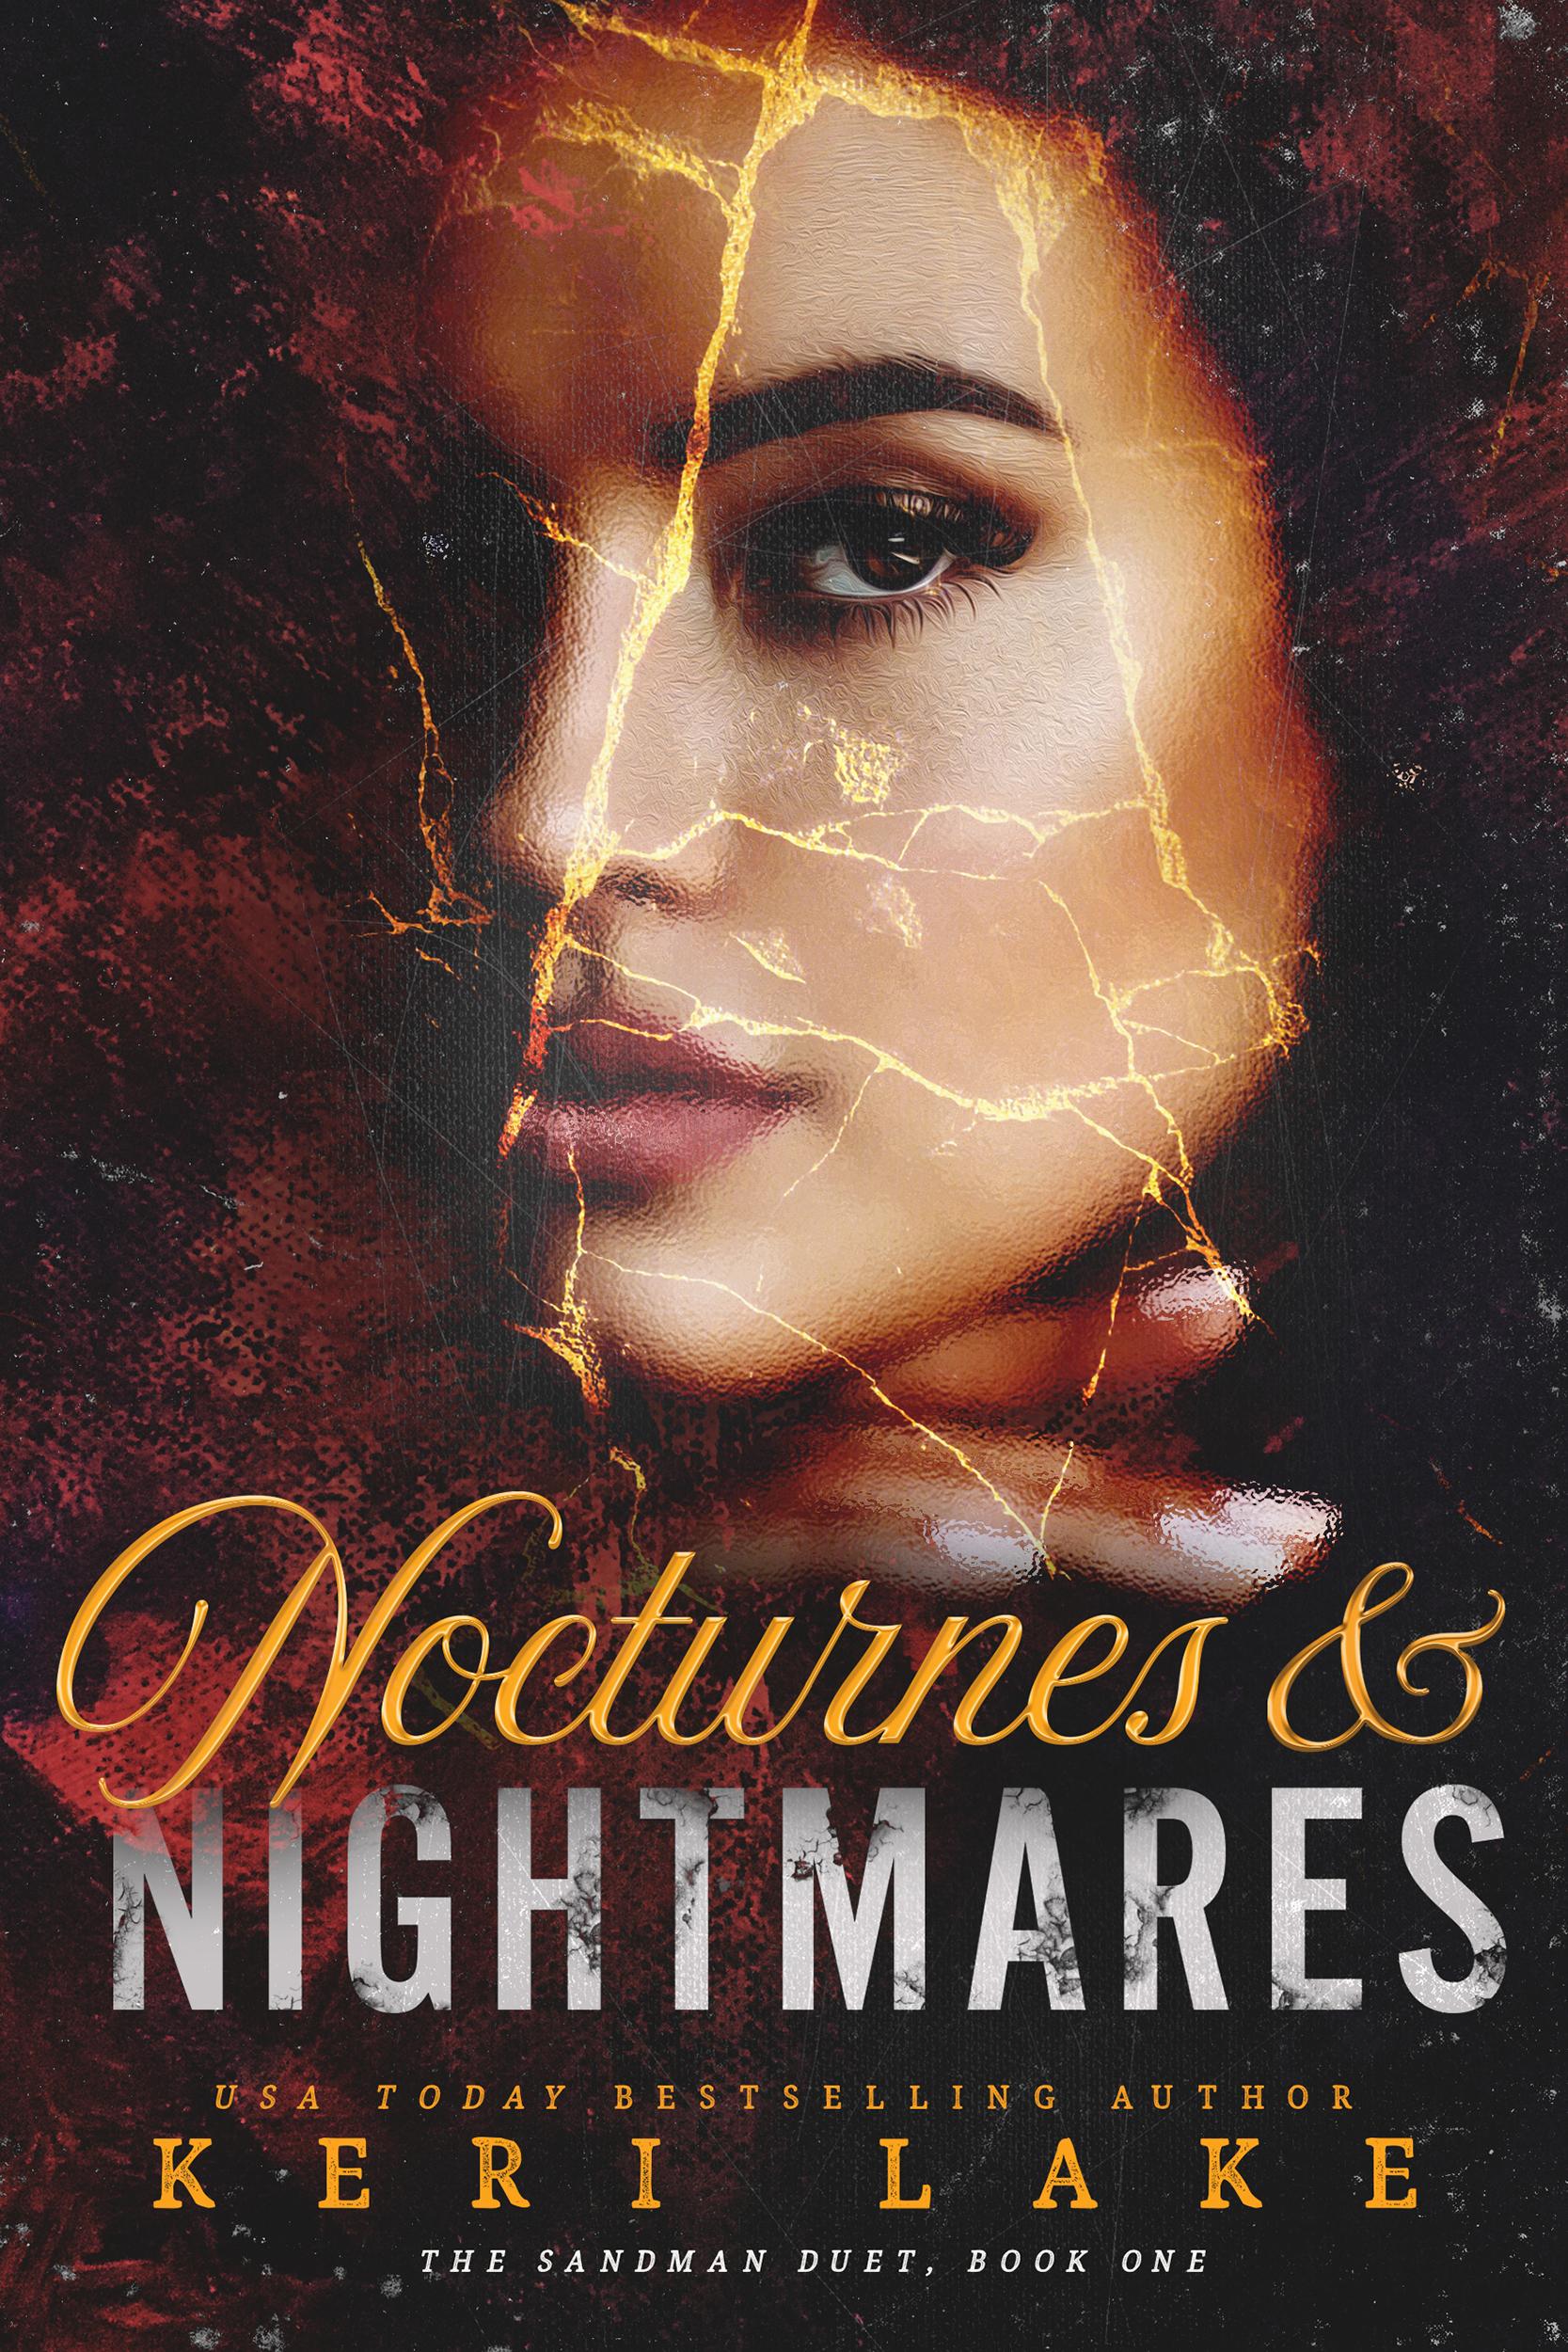 NocturnesAndNightmares_Amazon.jpg